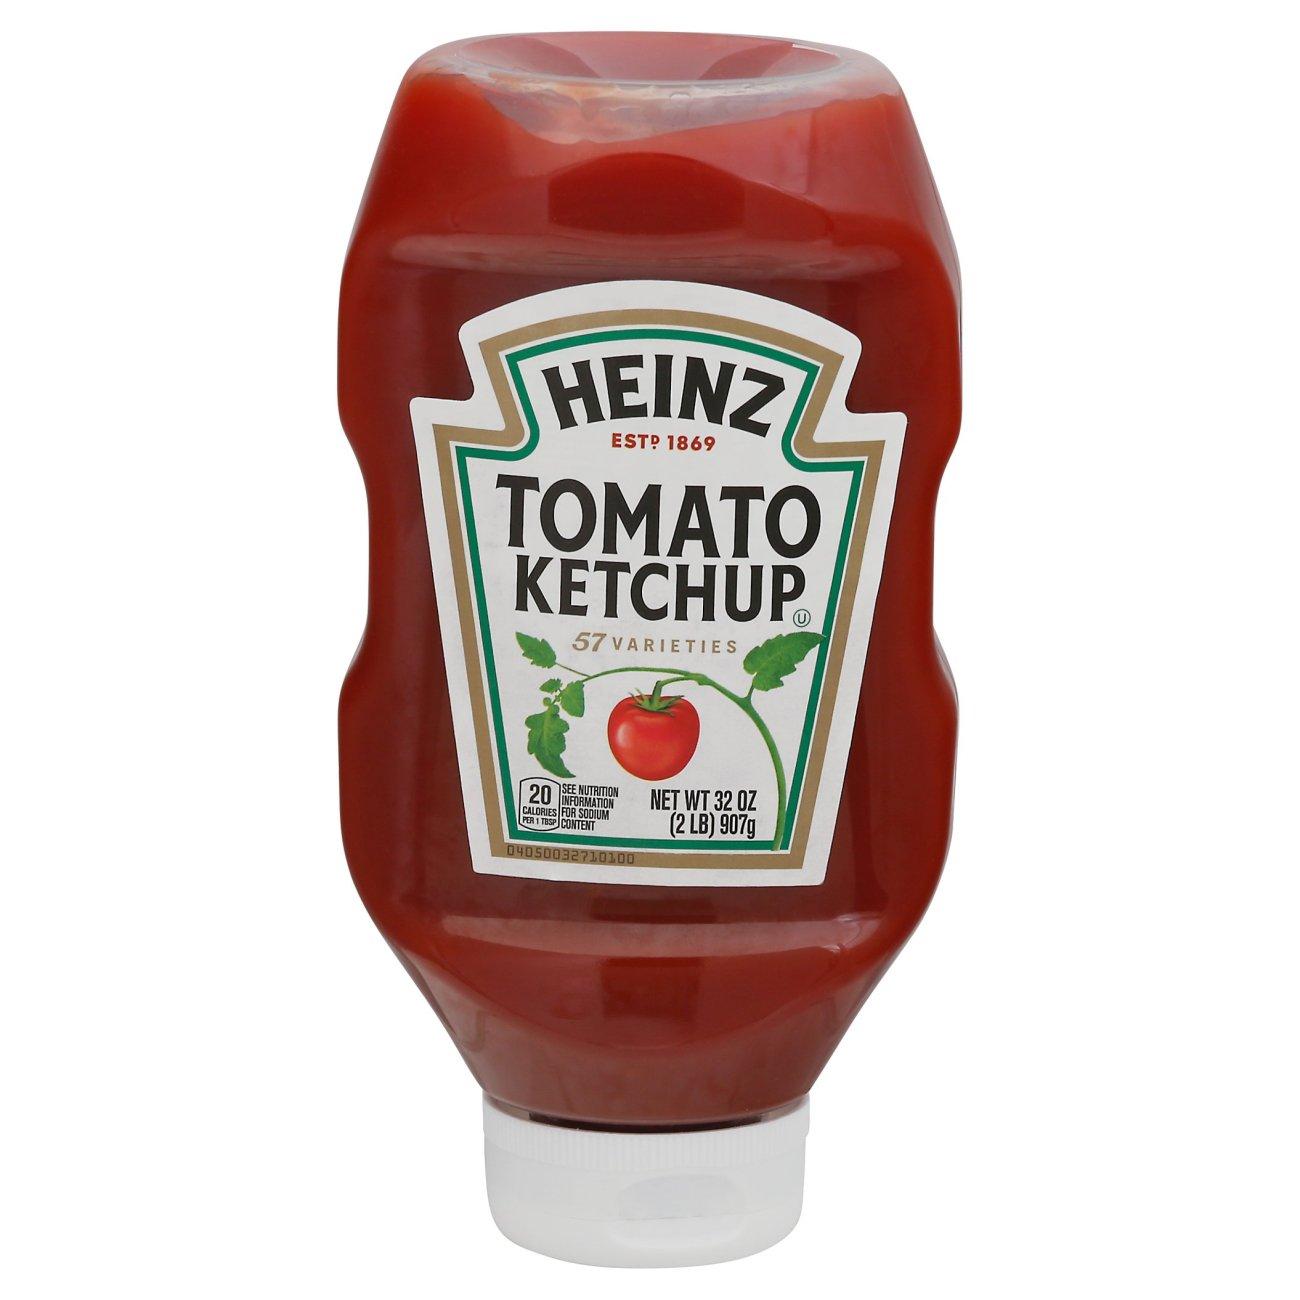 Heinz Tomato Ketchup - Shop Ketchup at